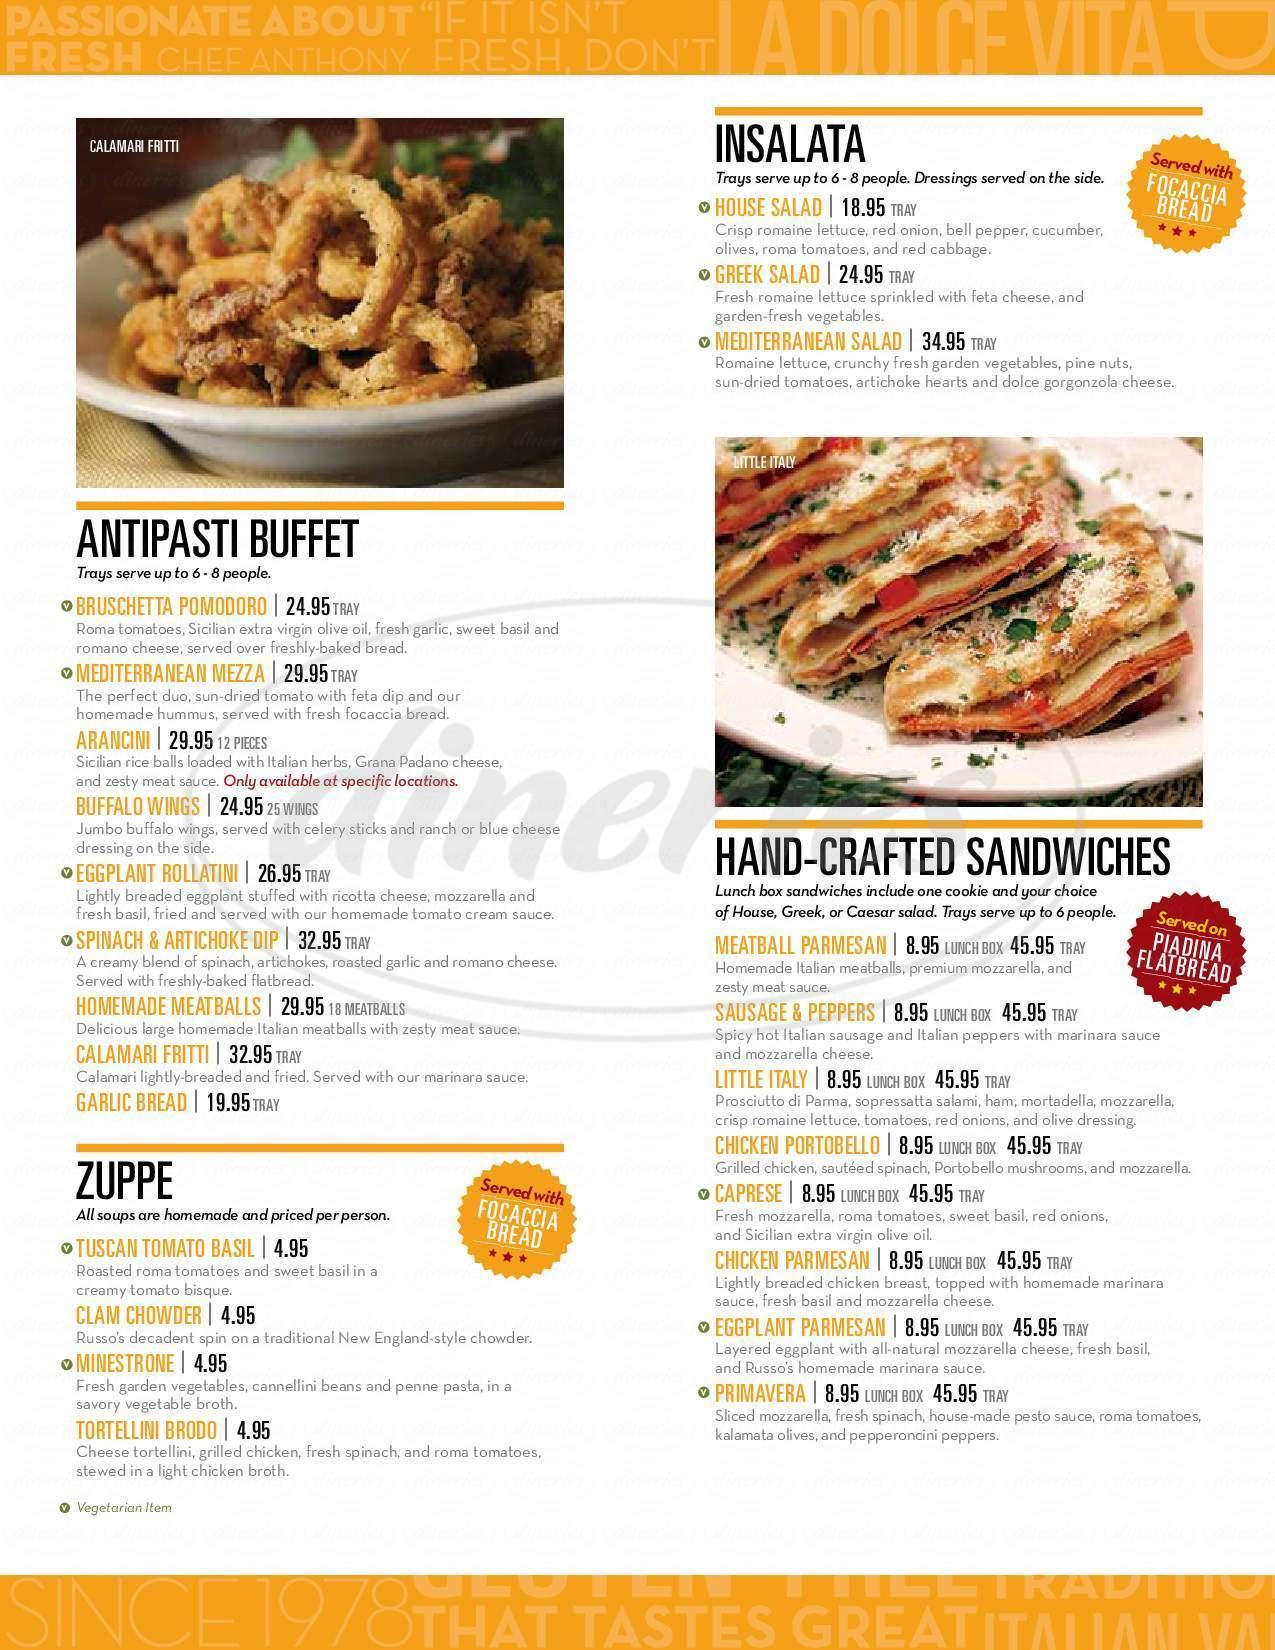 menu for Russo's New York Pizzeria